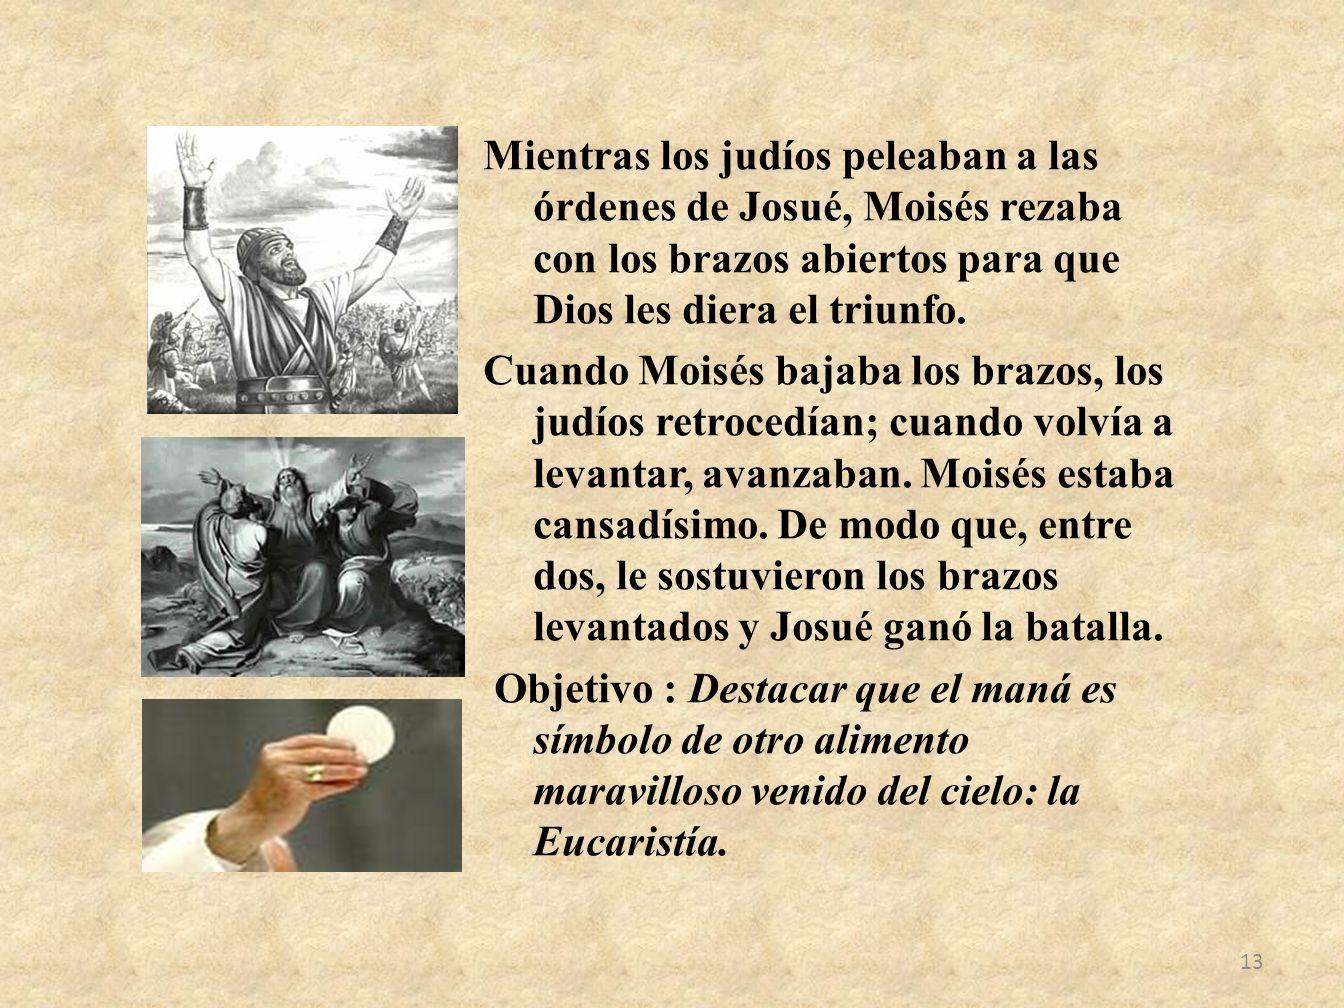 Mientras los judíos peleaban a las órdenes de Josué, Moisés rezaba con los brazos abiertos para que Dios les diera el triunfo. Cuando Moisés bajaba lo